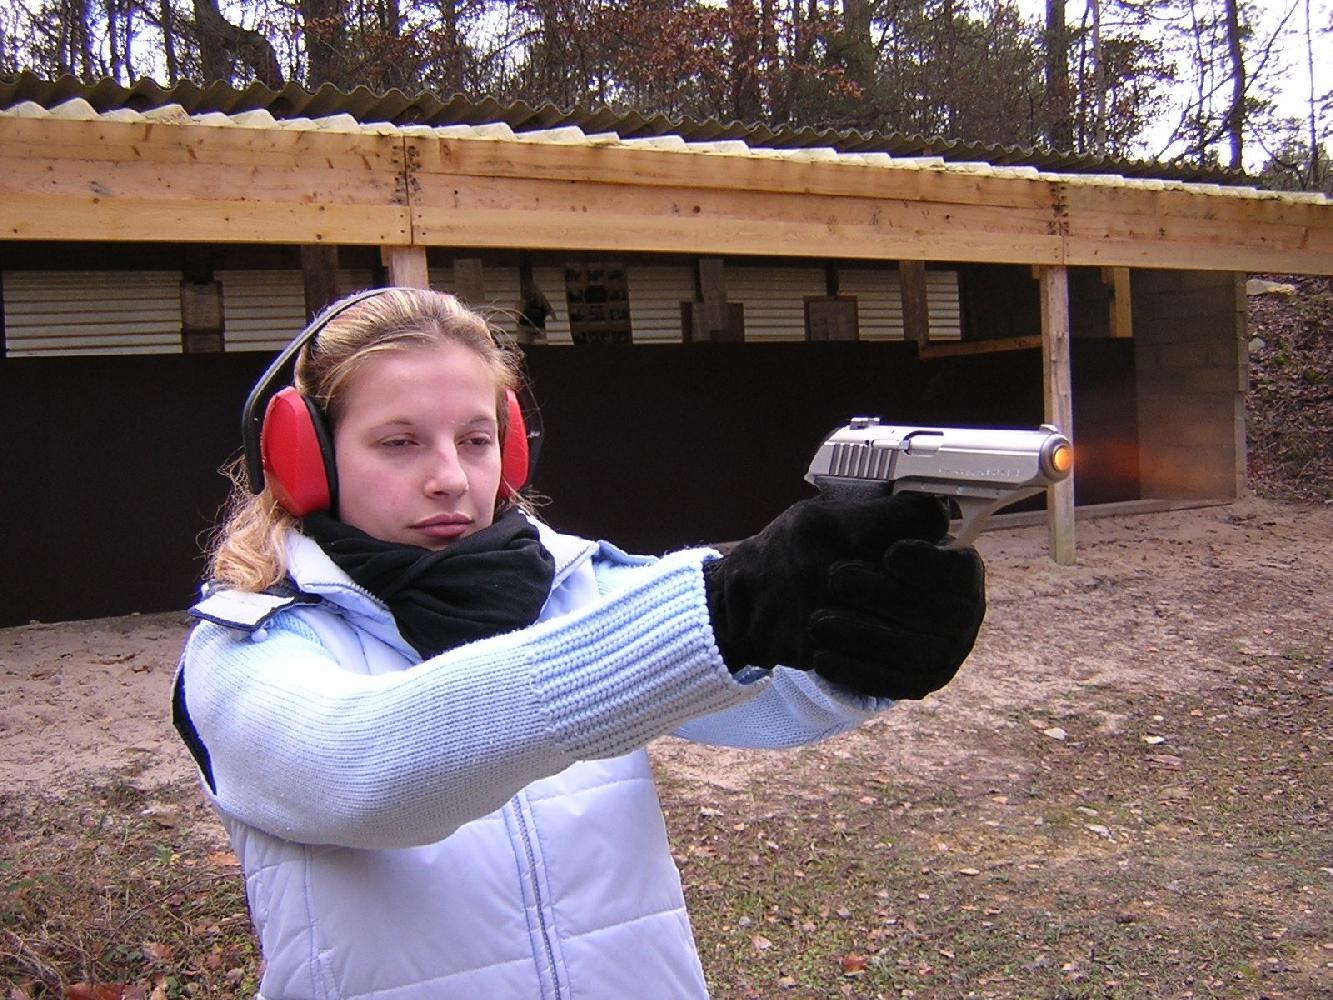 Cette vue a été prise à l'instant même où la balle quitte la bouche du canon : la culasse est encore fermée et l'arme n'a pas, en apparence du moins, entamé son mouvement de recul et de relèvement.